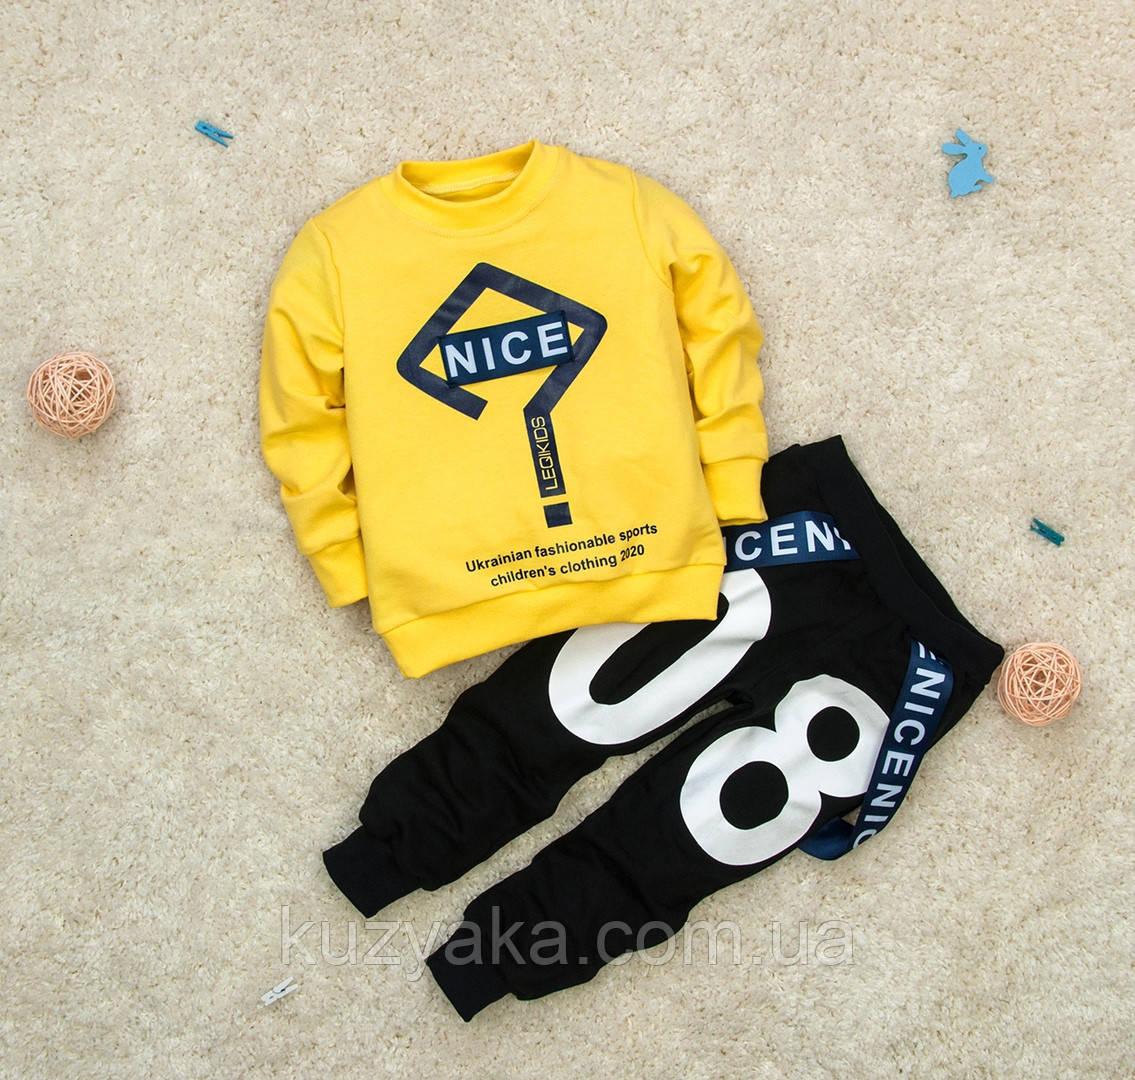 Детский спортивный костюм Nice для мальчика на 1,5 - 7 лет